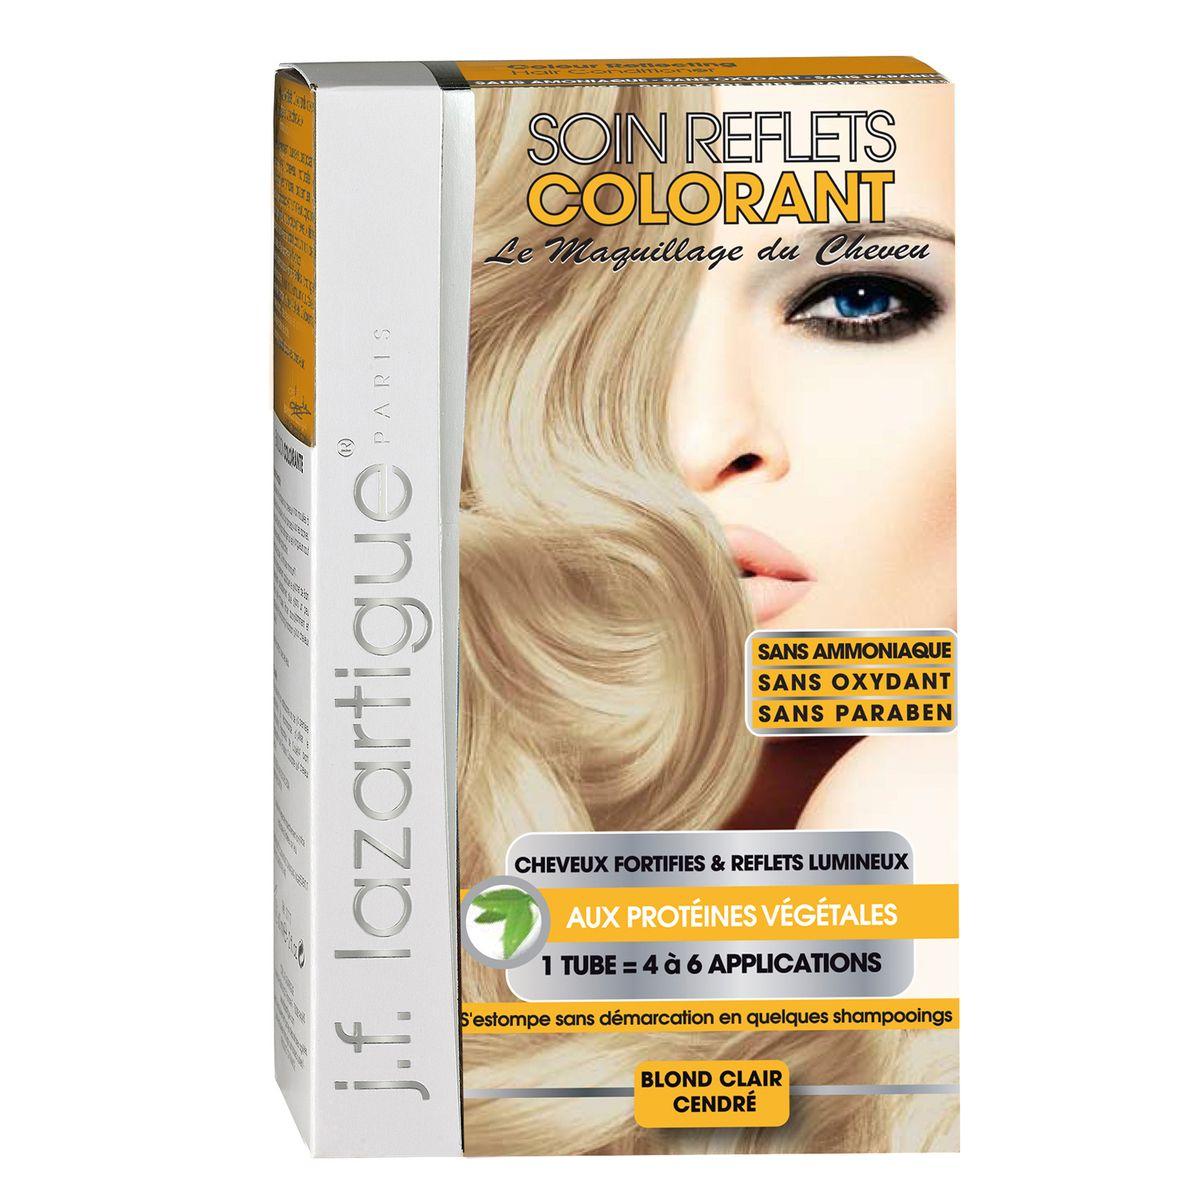 J.F.Lazartigue Оттеночный кондиционер для волос Светло-пепельный блондин 100 мл61621Оттеночный кондиционер J.F.LAZARTIGUE – это лечебный макияж для Ваших волос. Два эффекта: кондиционирование волос и легкий оттенок. Особенности: придает новый или более теплый (или холодный) оттенок, делает тон темнее или акцентирует цвет, оживляет естественный цвет или придает яркость тусклым и выцветшим на солнце волосам. Закрашивает небольшой процент седины! После мытья волос шампунем (3-6 раз) смывается. Для достижения индивидуального оттенка можно смешать два разных кондиционера: добавить к выбранному ТЕМНЫЙ РЫЖИЙ (Auburn), МЕДНЫЙ (Copper) и т.п. Не осветляет волосы. Не содержит аммиака и перекиси водорода. Не содержит парабенов. Не предназначен для окрашивания бровей и ресниц.